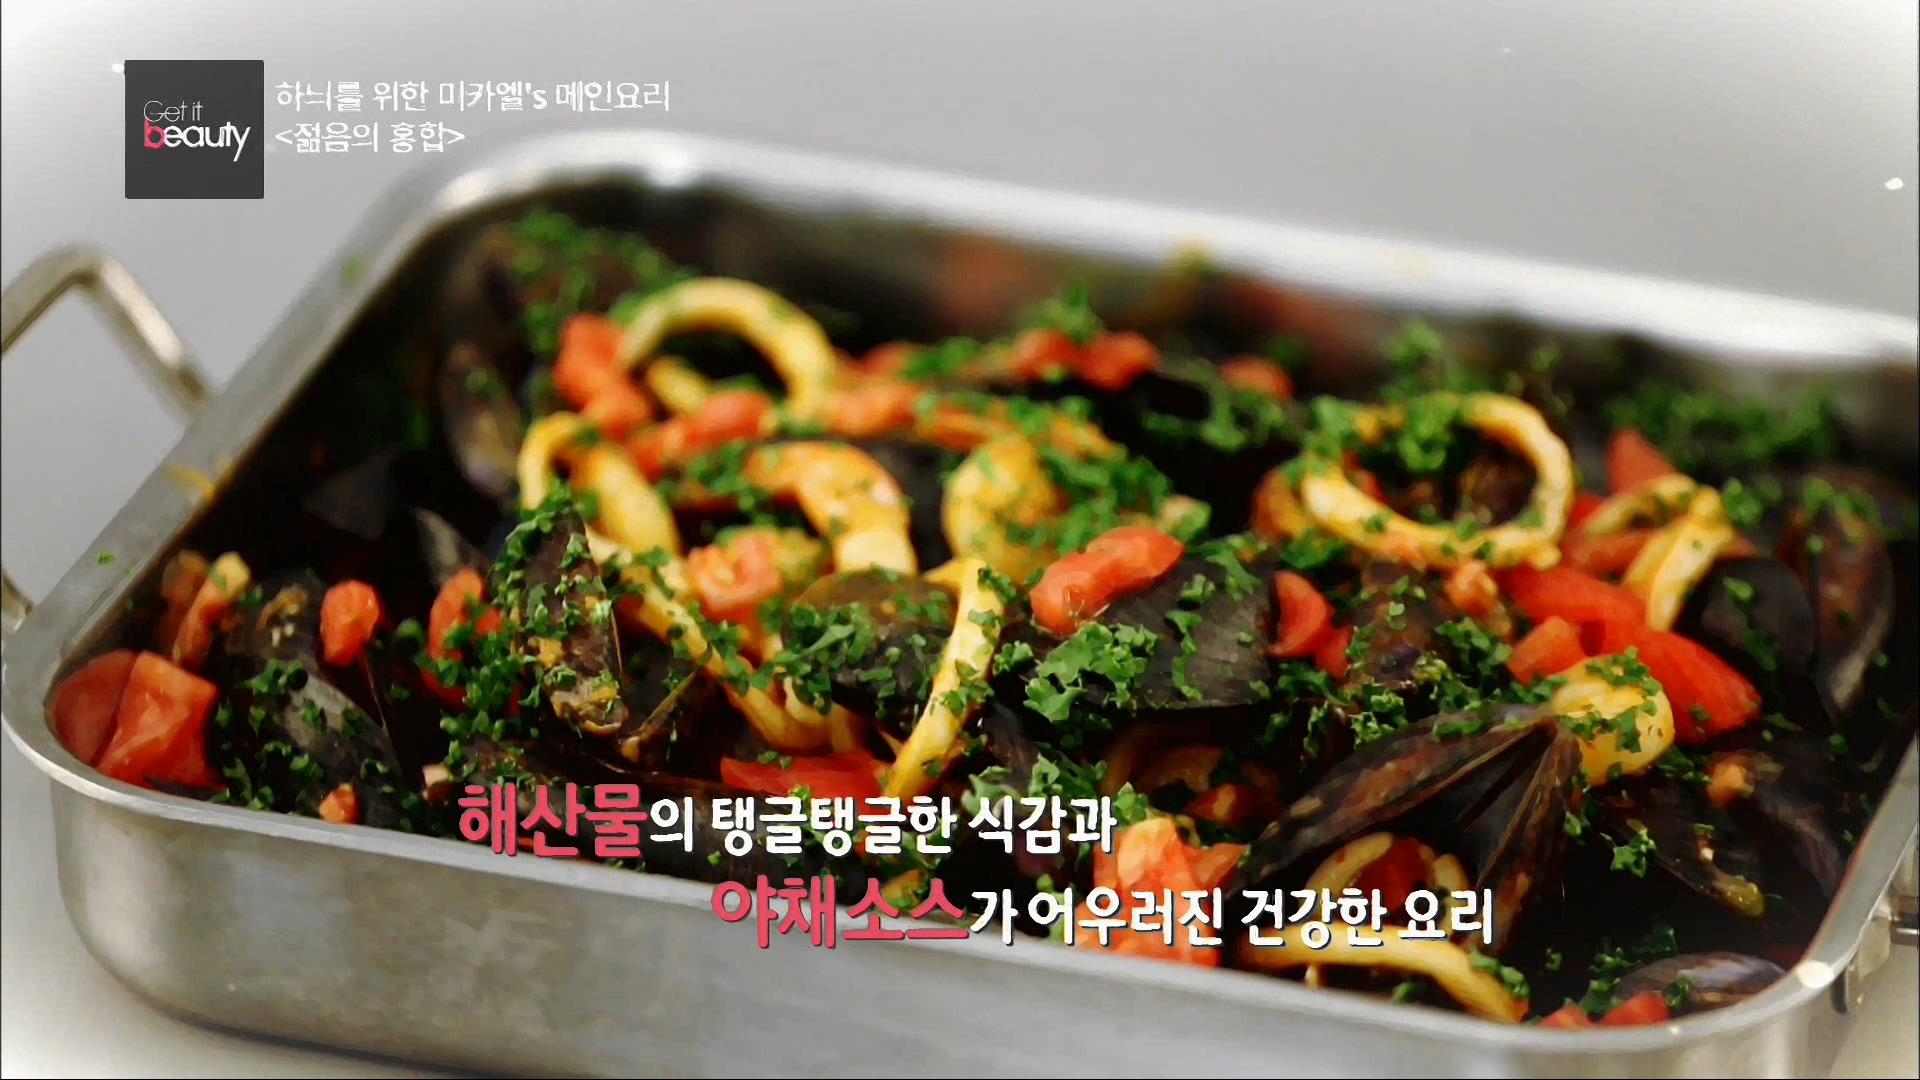 해산물의 탱글탱글한 식감과 야채소스가 어우러진 건강한 요리 완성~